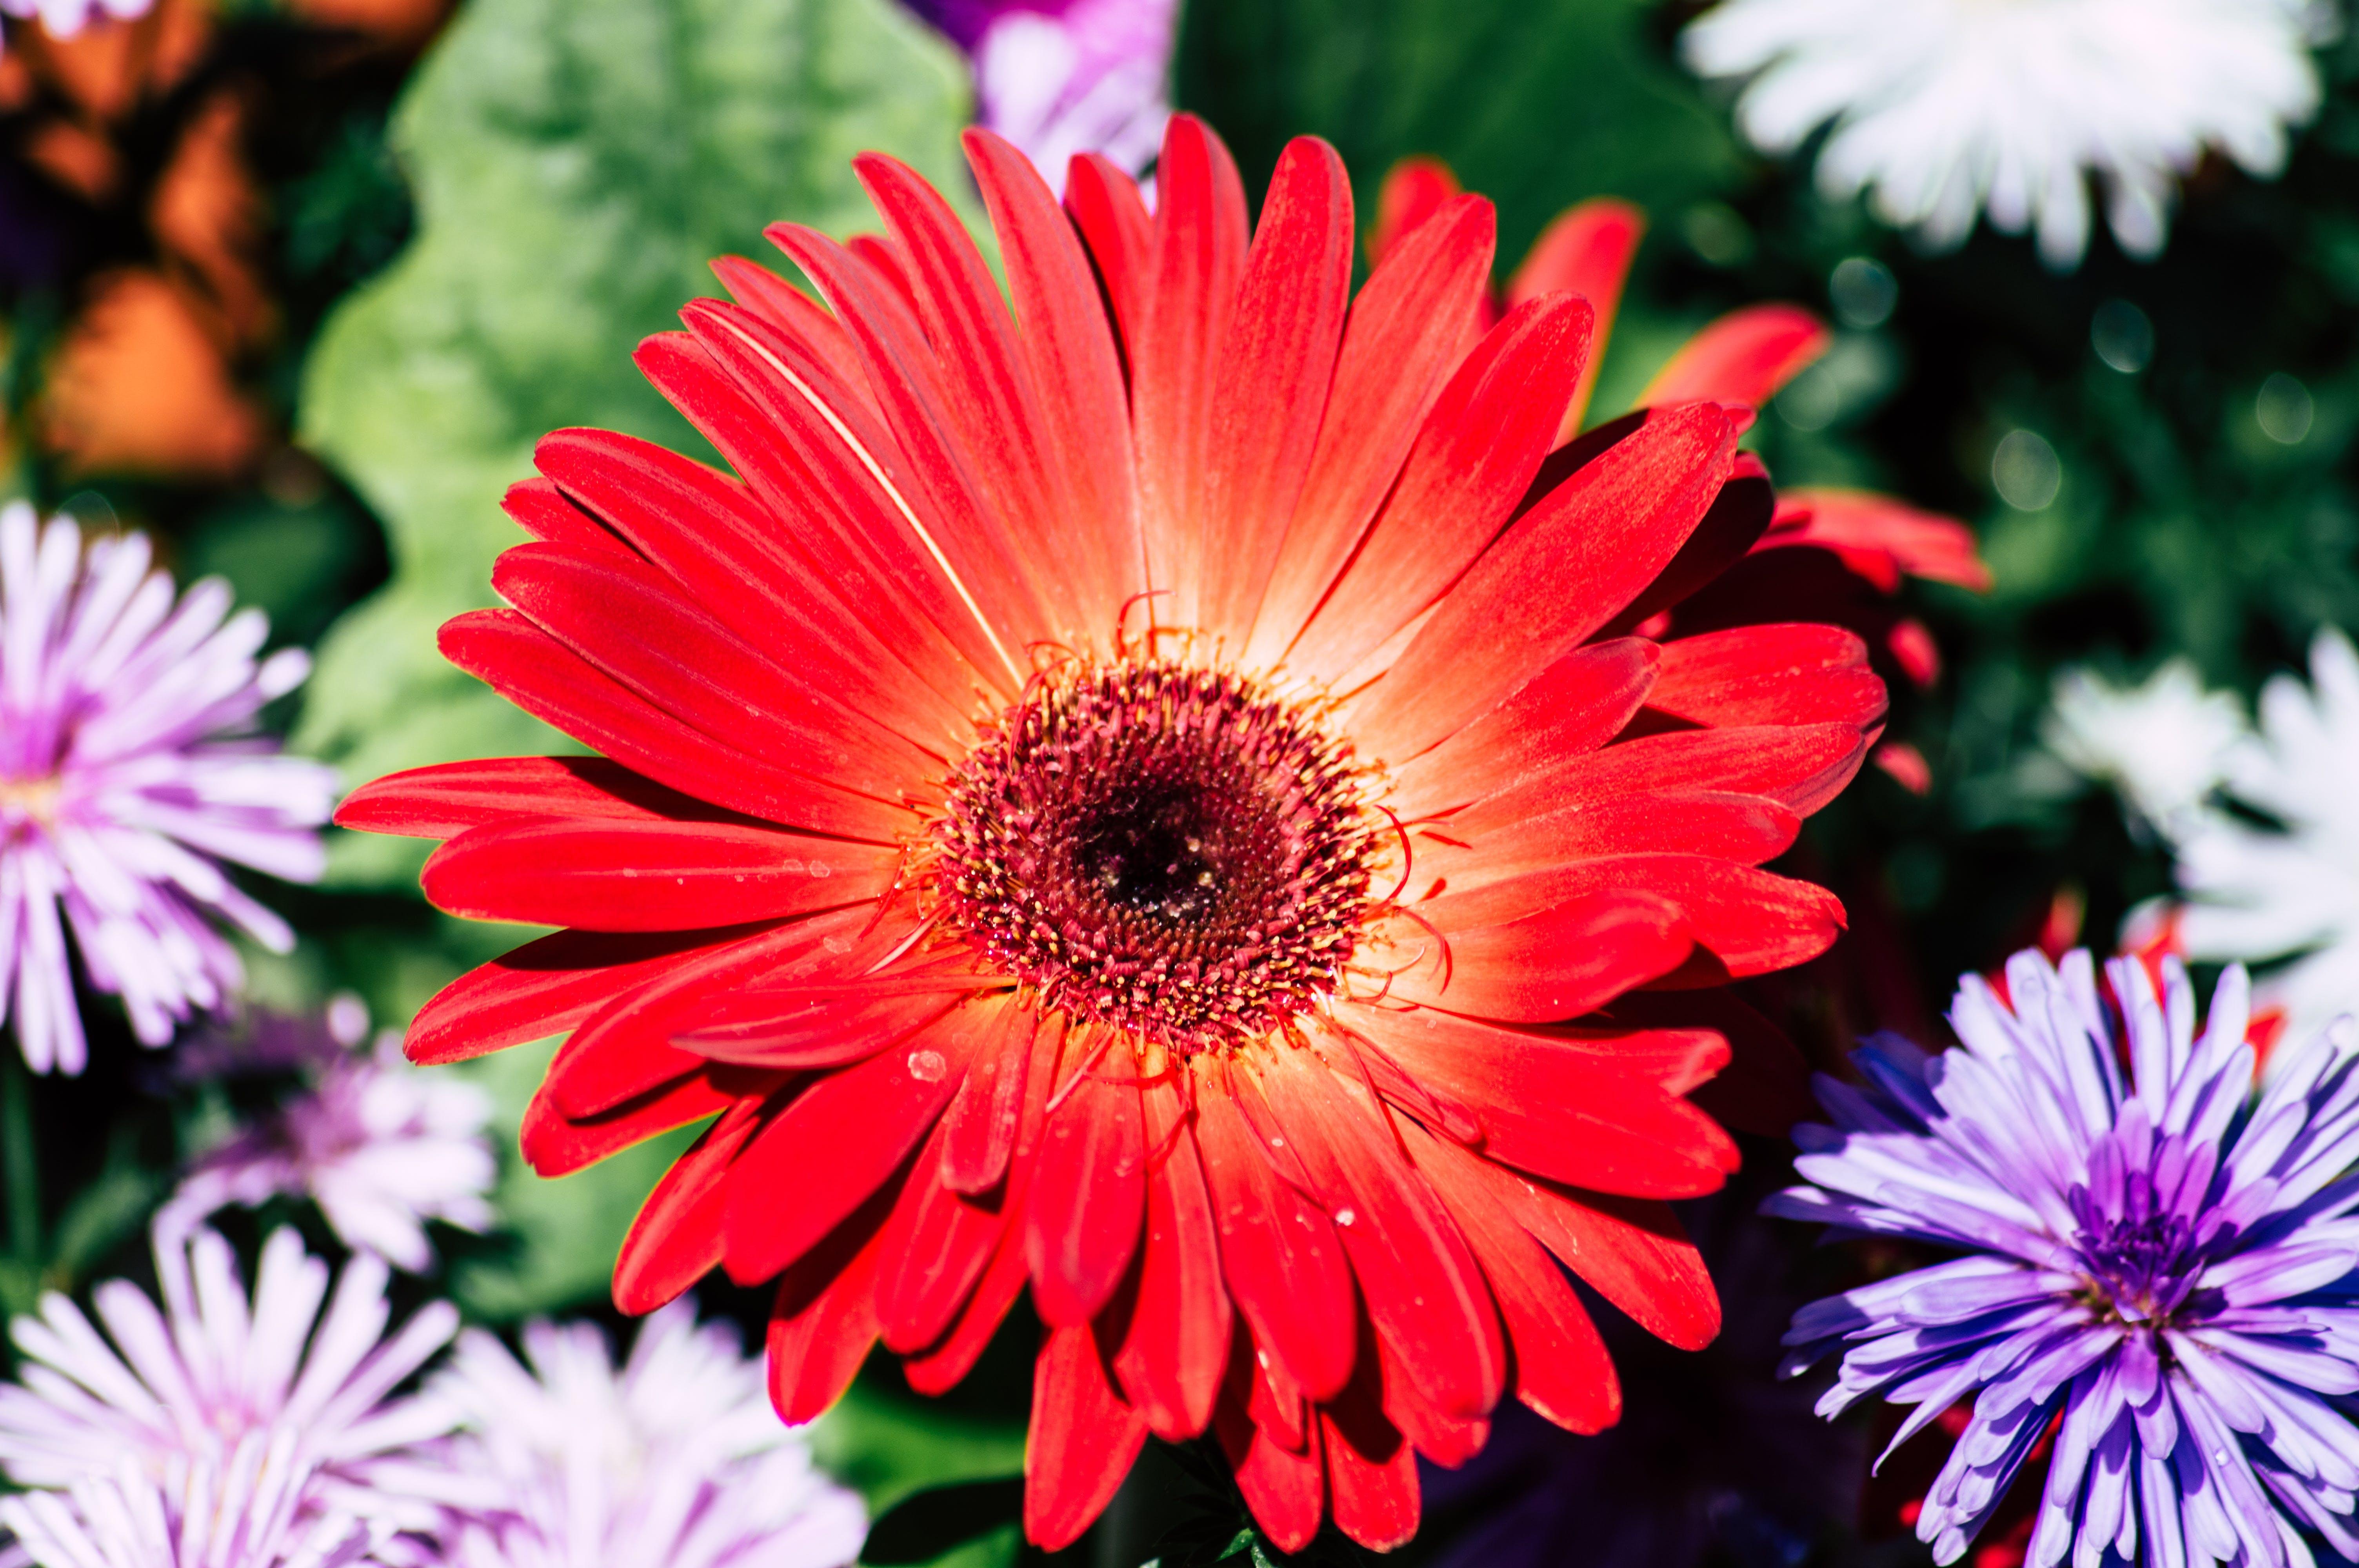 Δωρεάν στοκ φωτογραφιών με έντονο χρώμα, κόκκινο, λουλούδι, μοβ